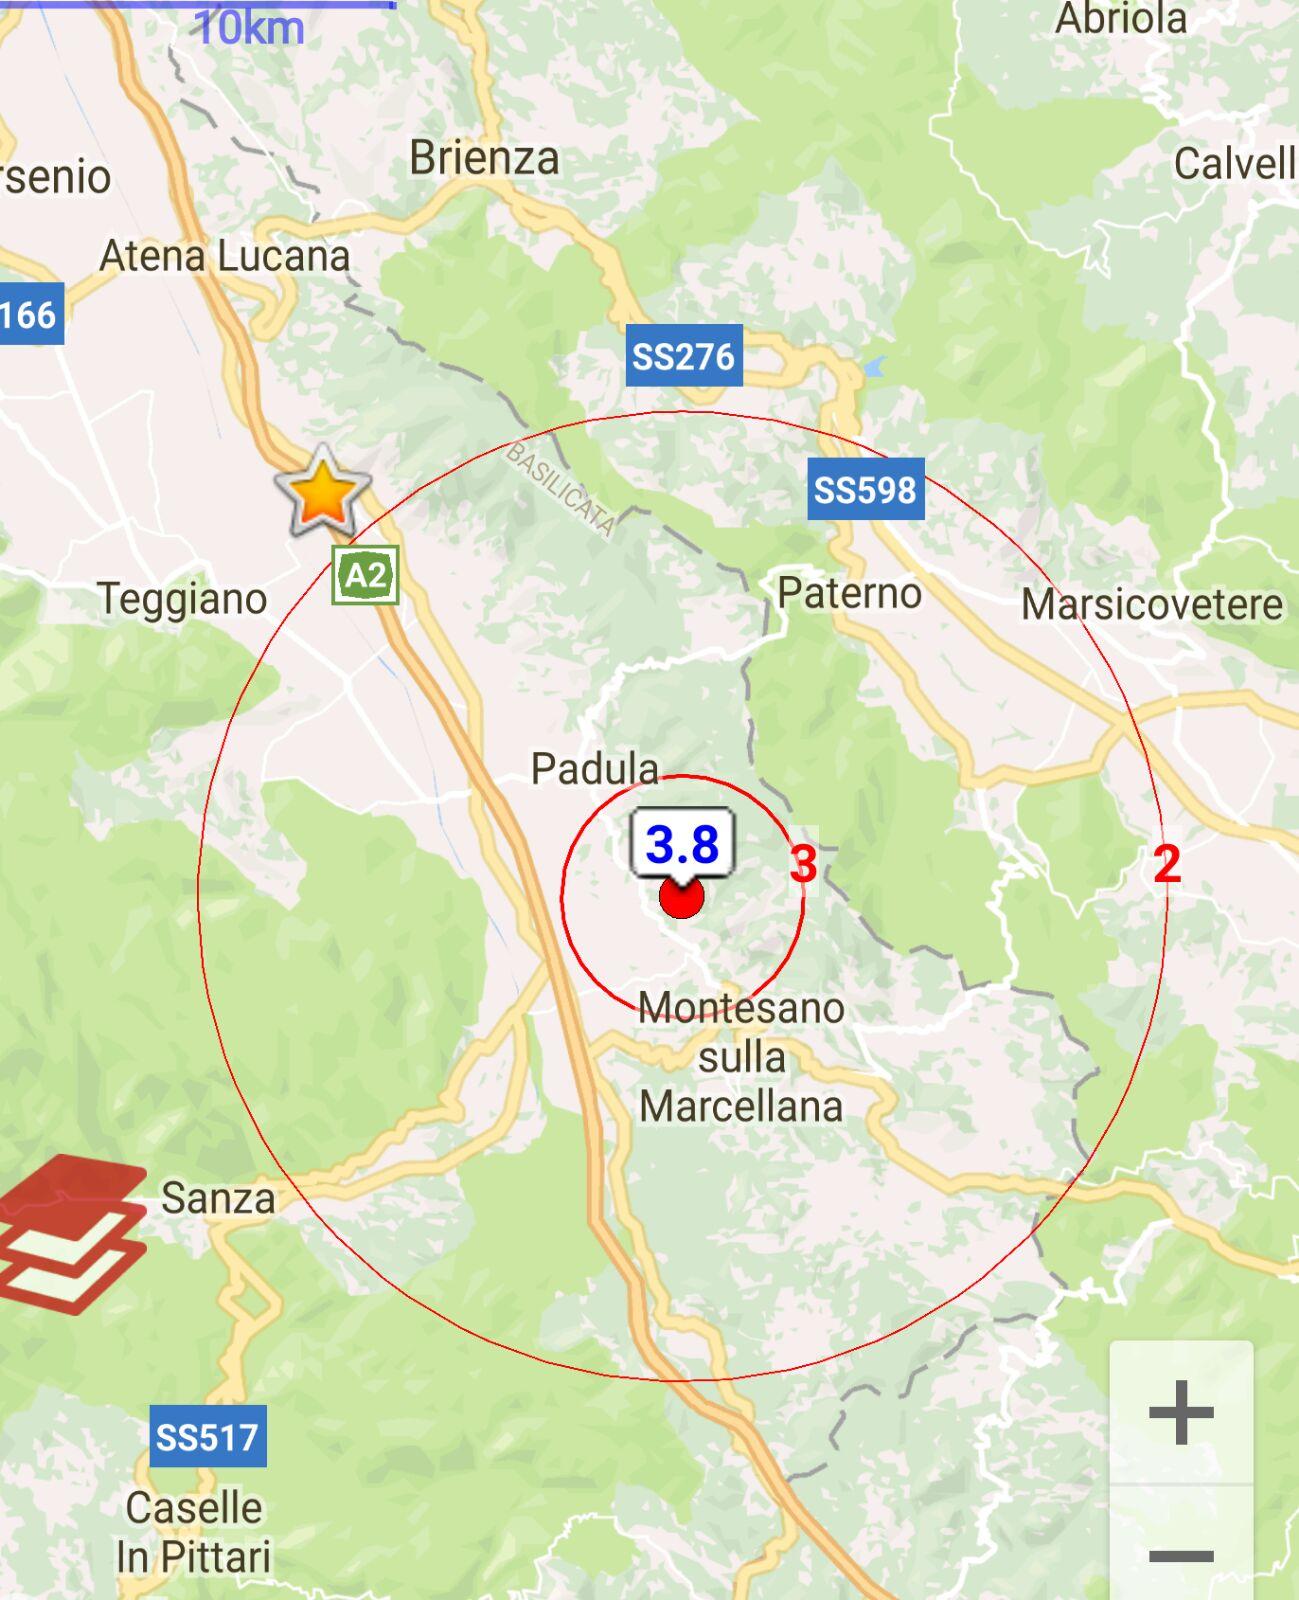 Terremoto nel Vallo di Diano. Scuole chiuse in via precauzionale